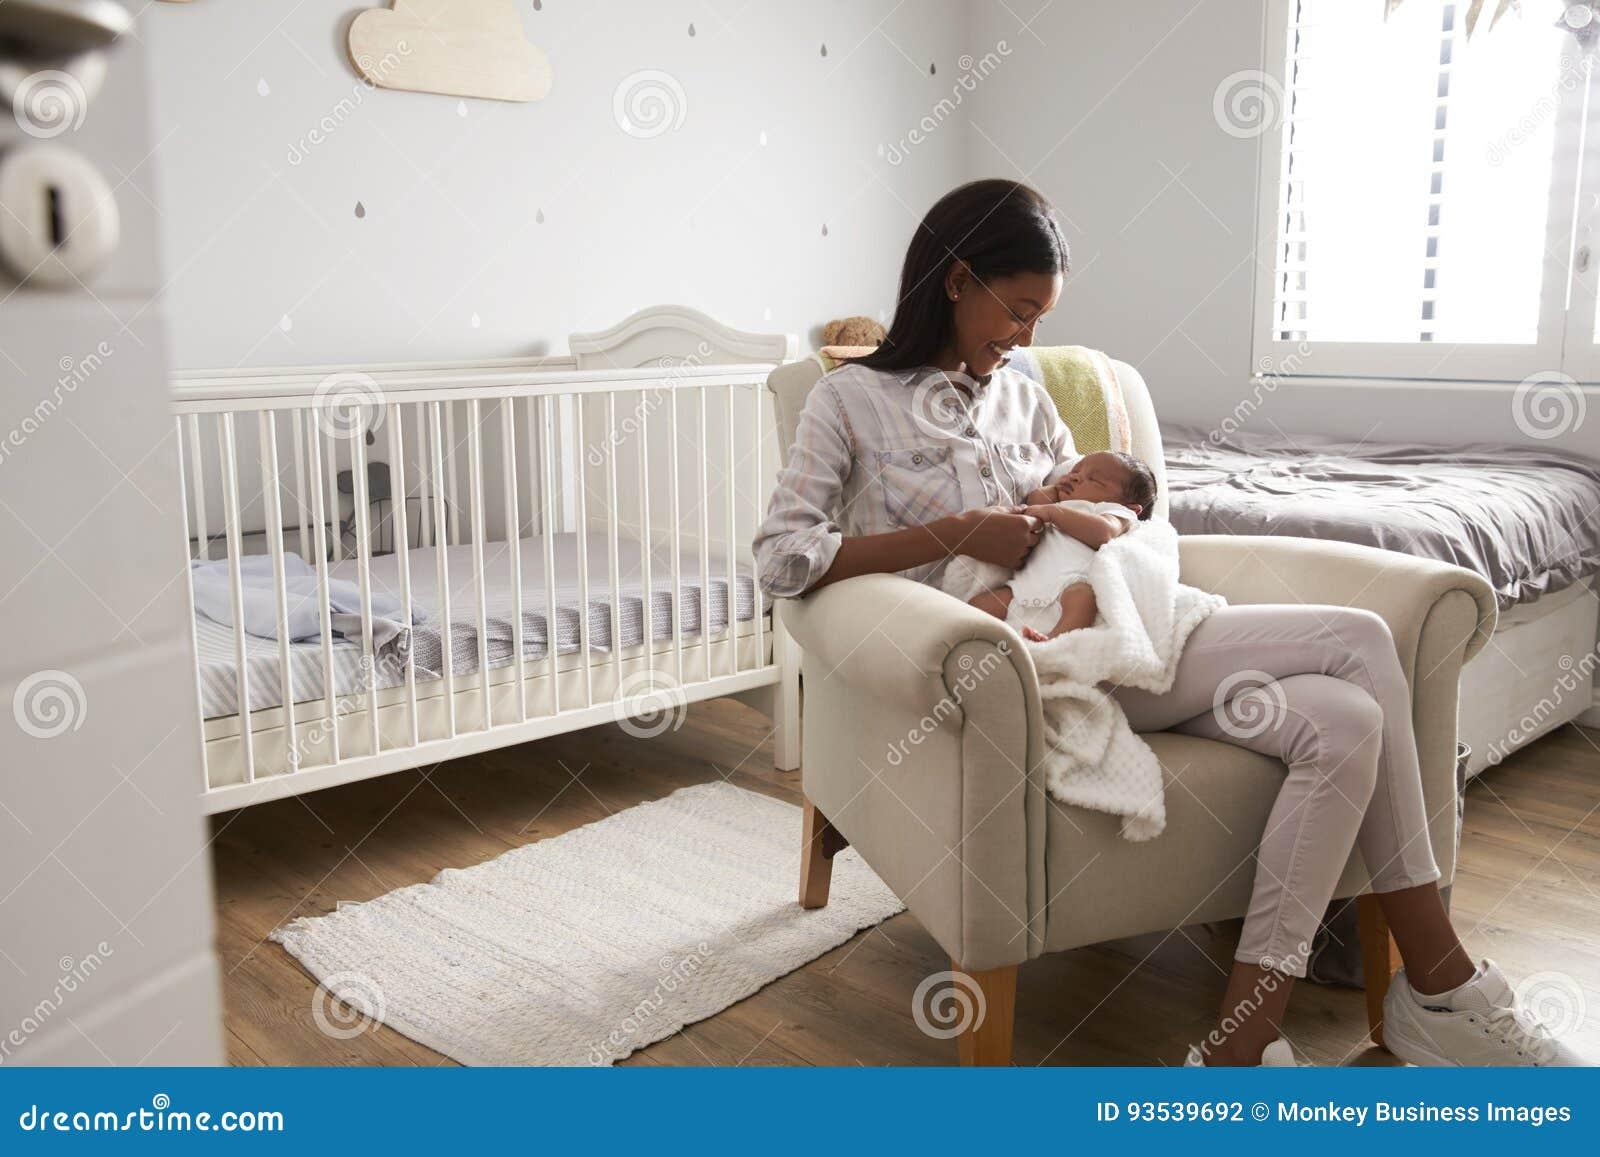 Moderhemmet från sjukhus med nyfött behandla som ett barn i barnkammare